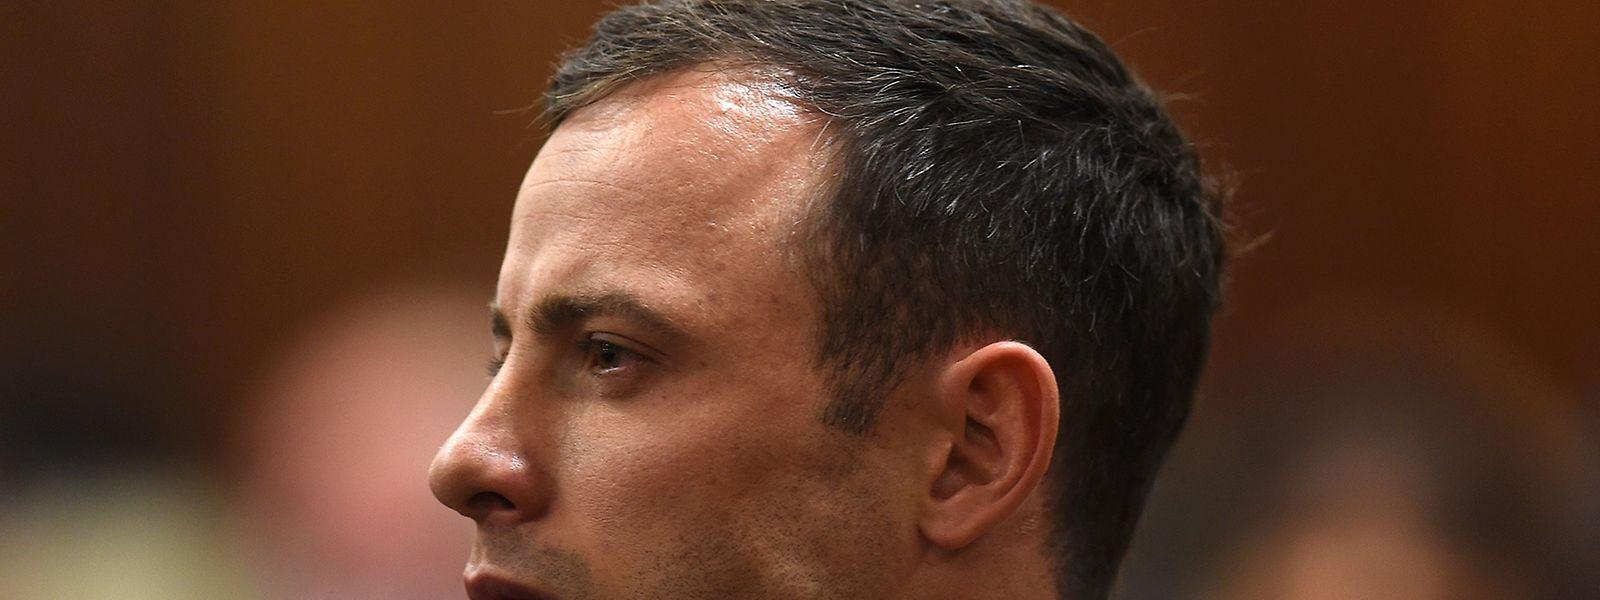 Oscar Pistorius im vergangenen Jahr während der Verhandlungen vor Gericht.